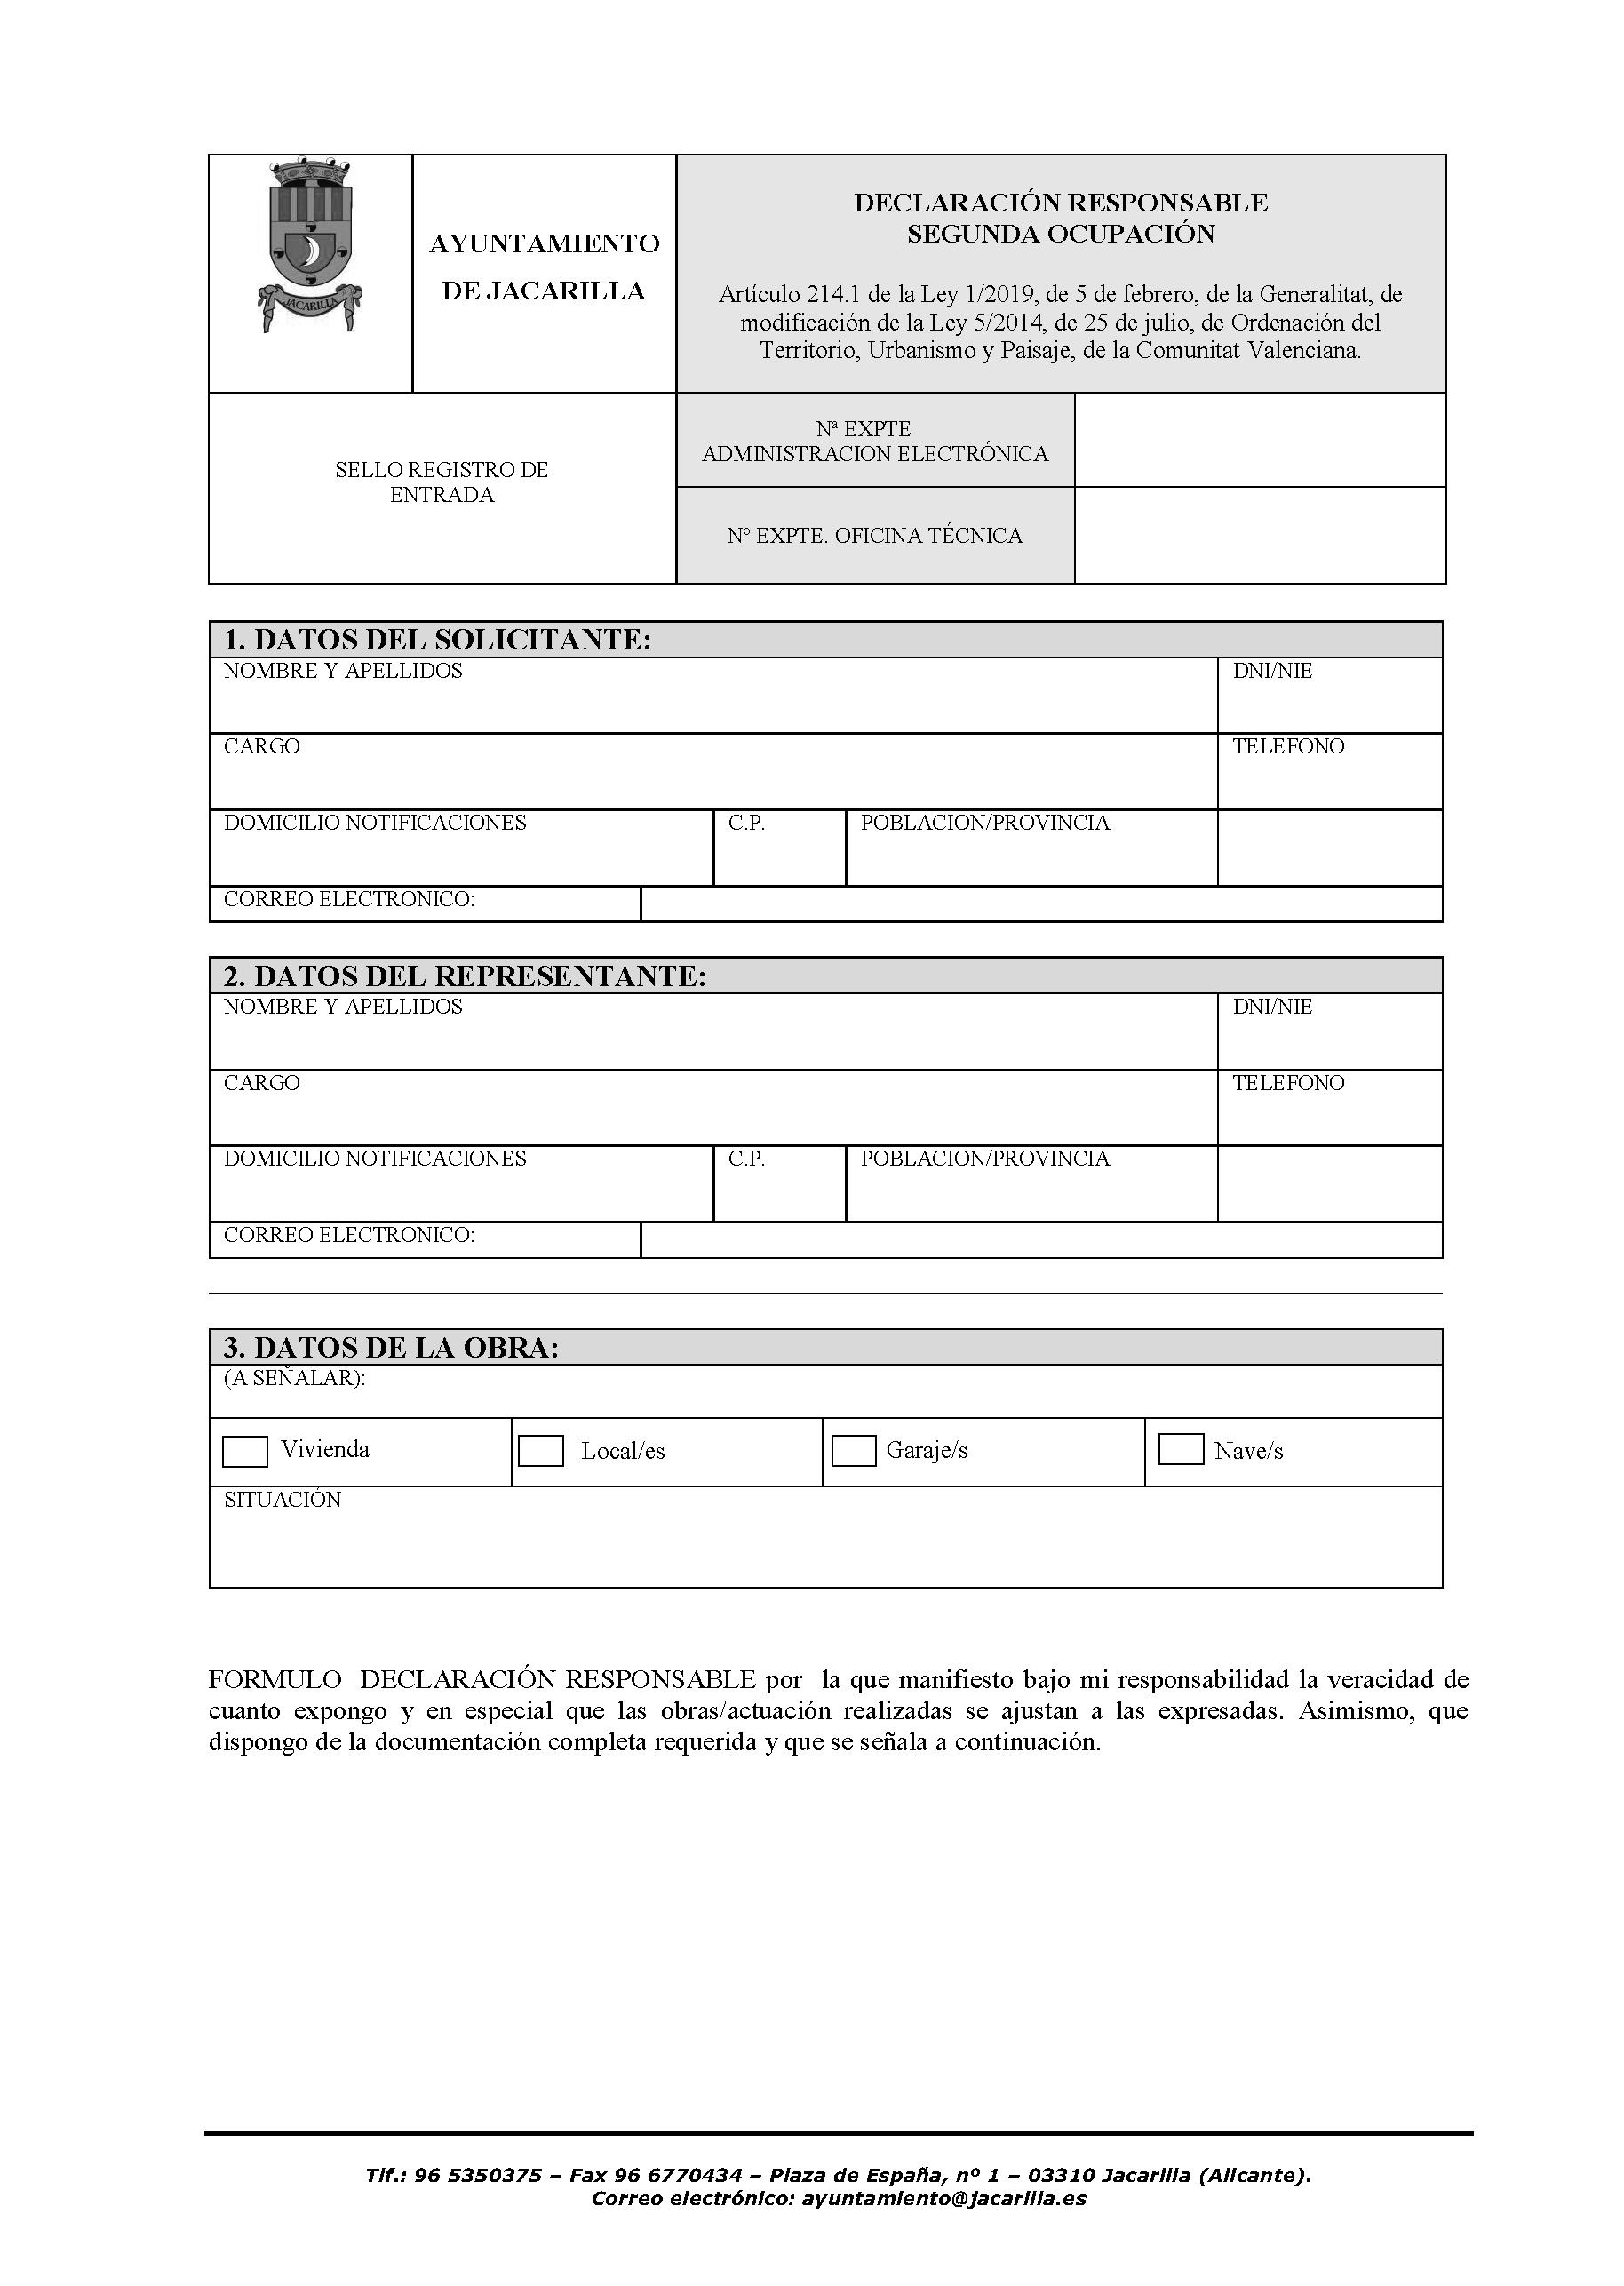 Impreso Declaración Responsable Segunda Ocupación Jacarilla